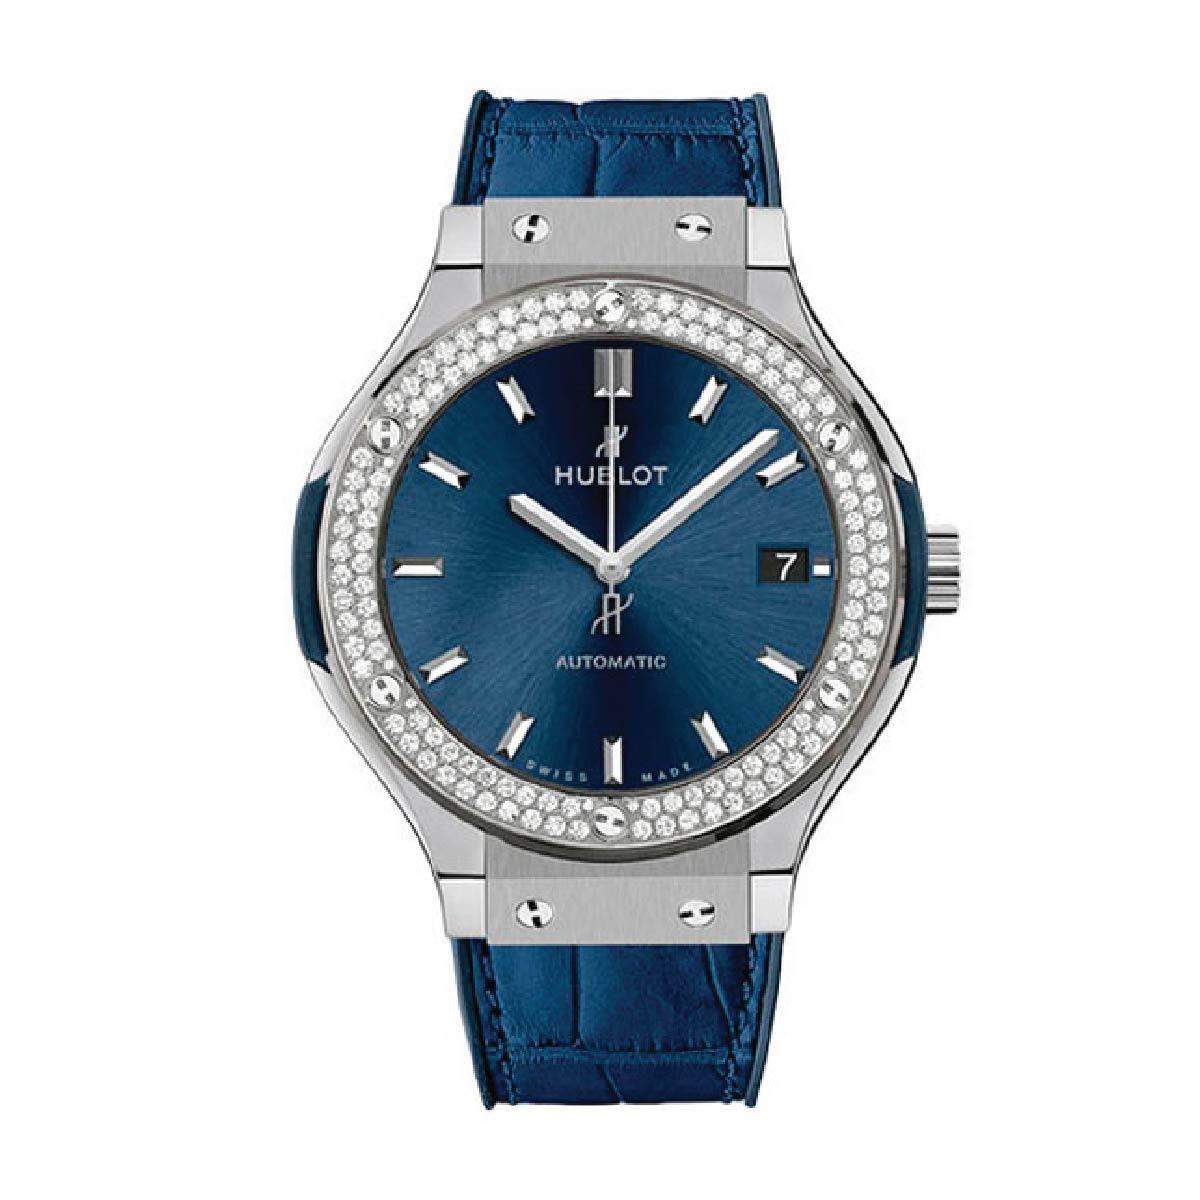 HUBLOT ЧАСЫ CLASSIC FUSION BLUE TITANIUM 38 MM 0,78 ct